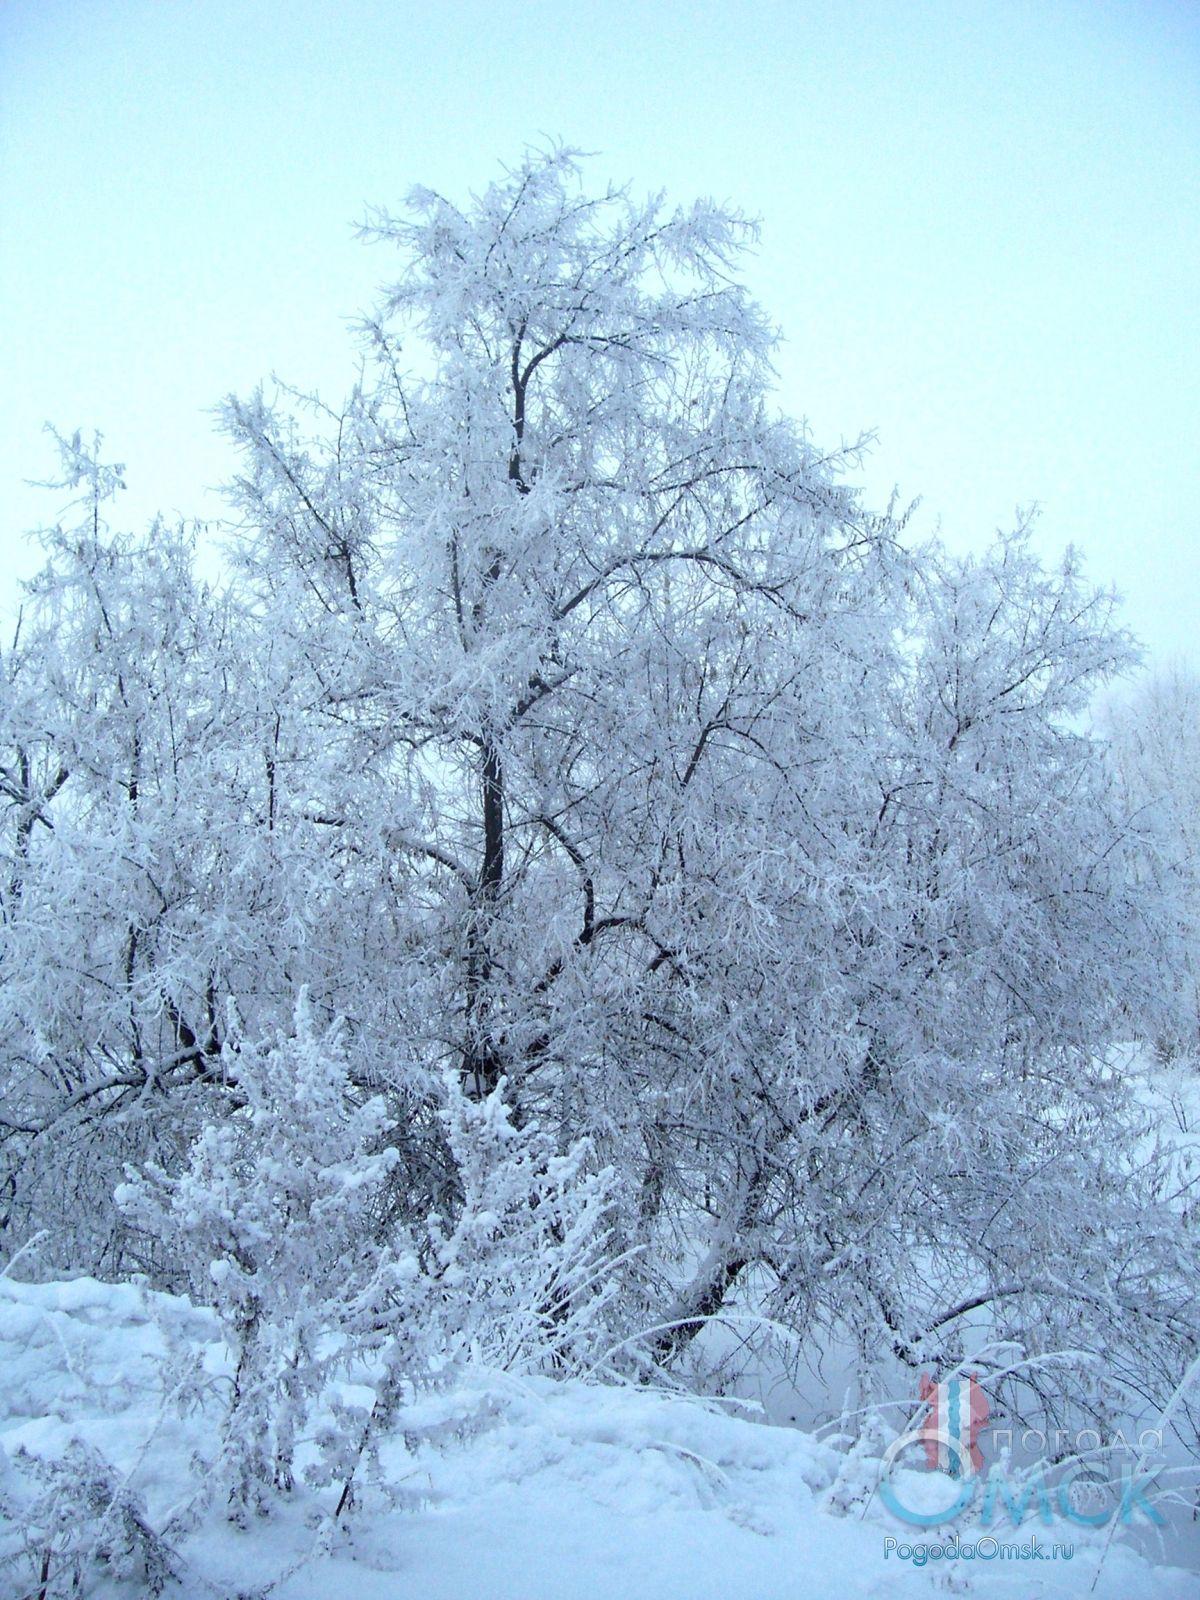 Изморозь на ветках дерева